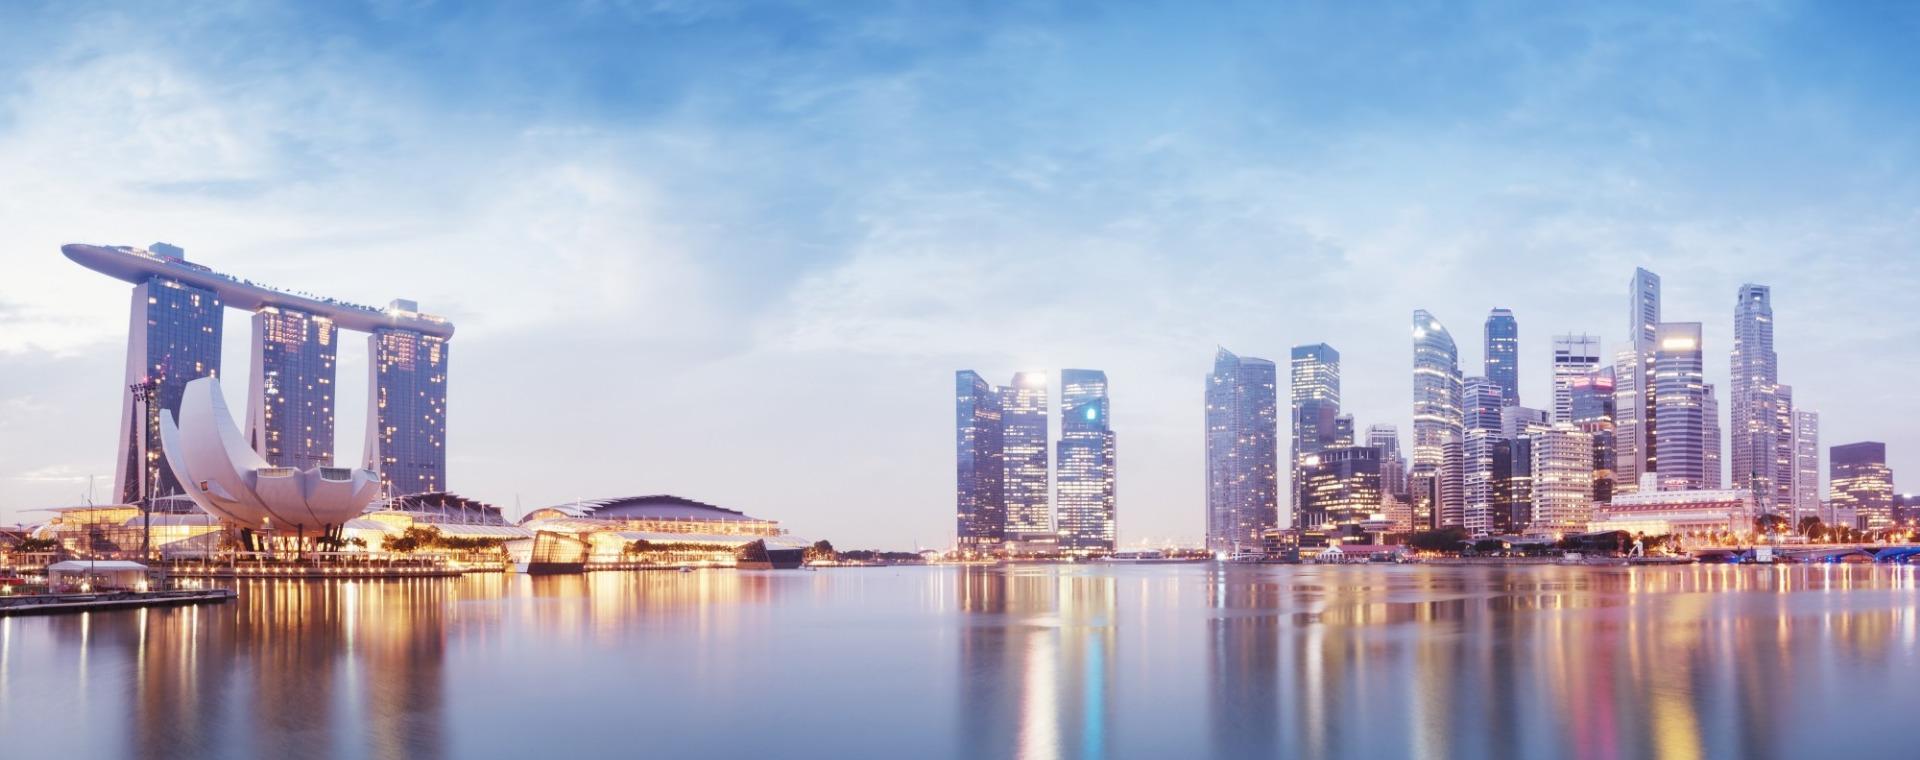 Fantabulous Singapore